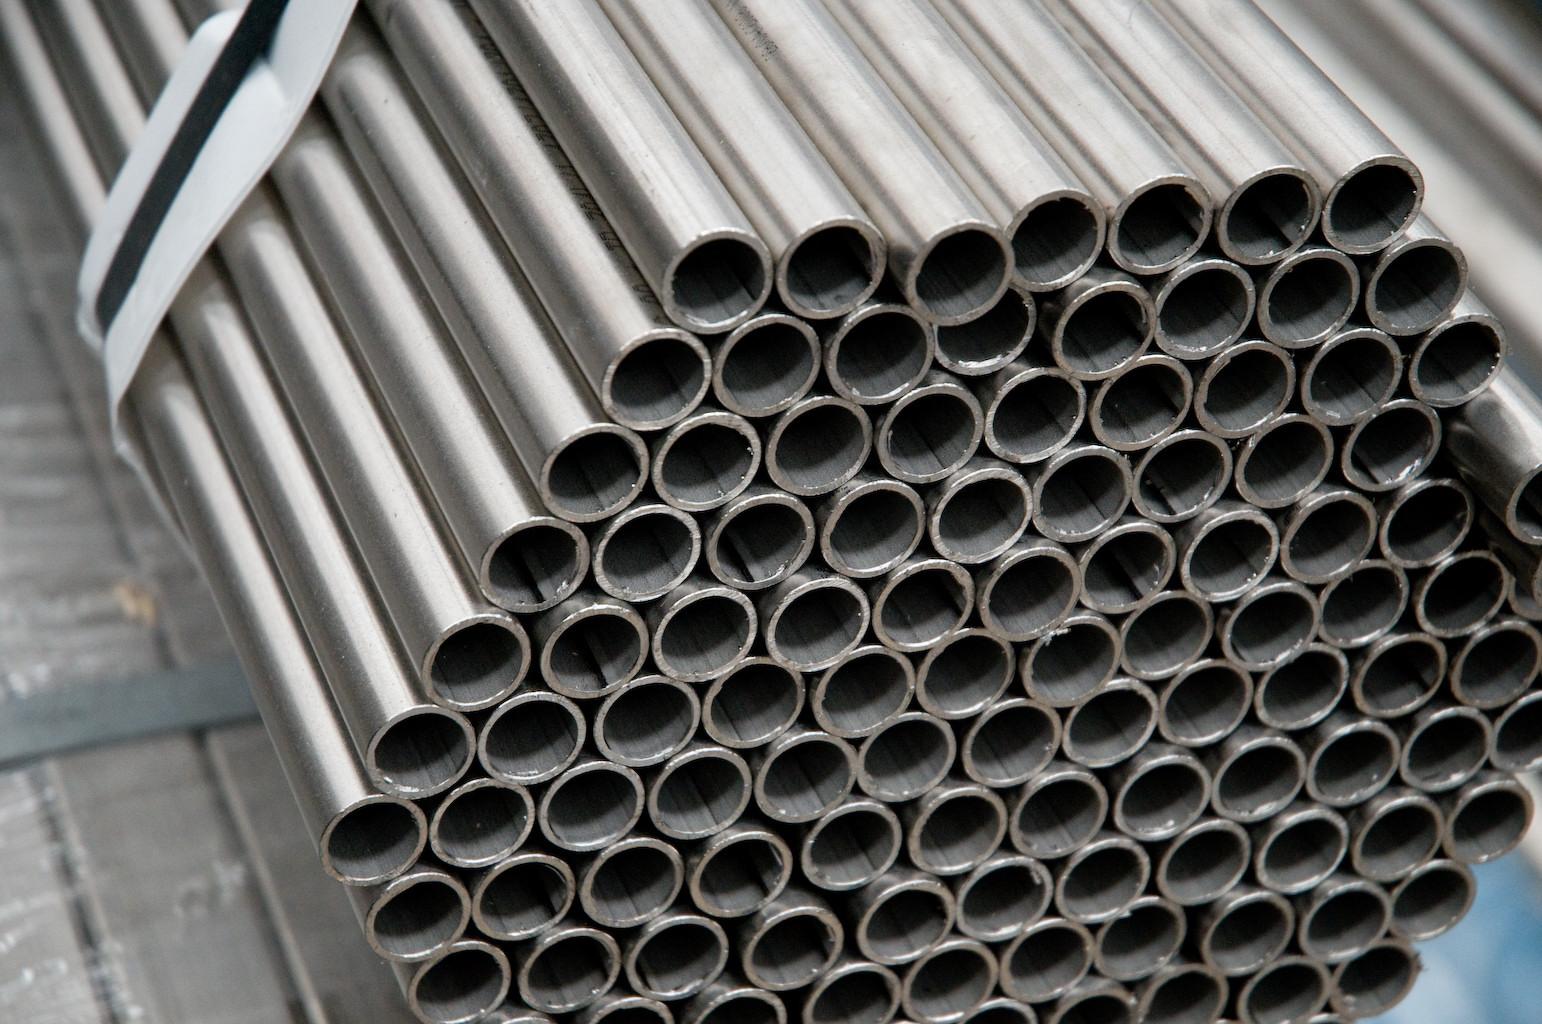 LMR-14417-tubos_0011